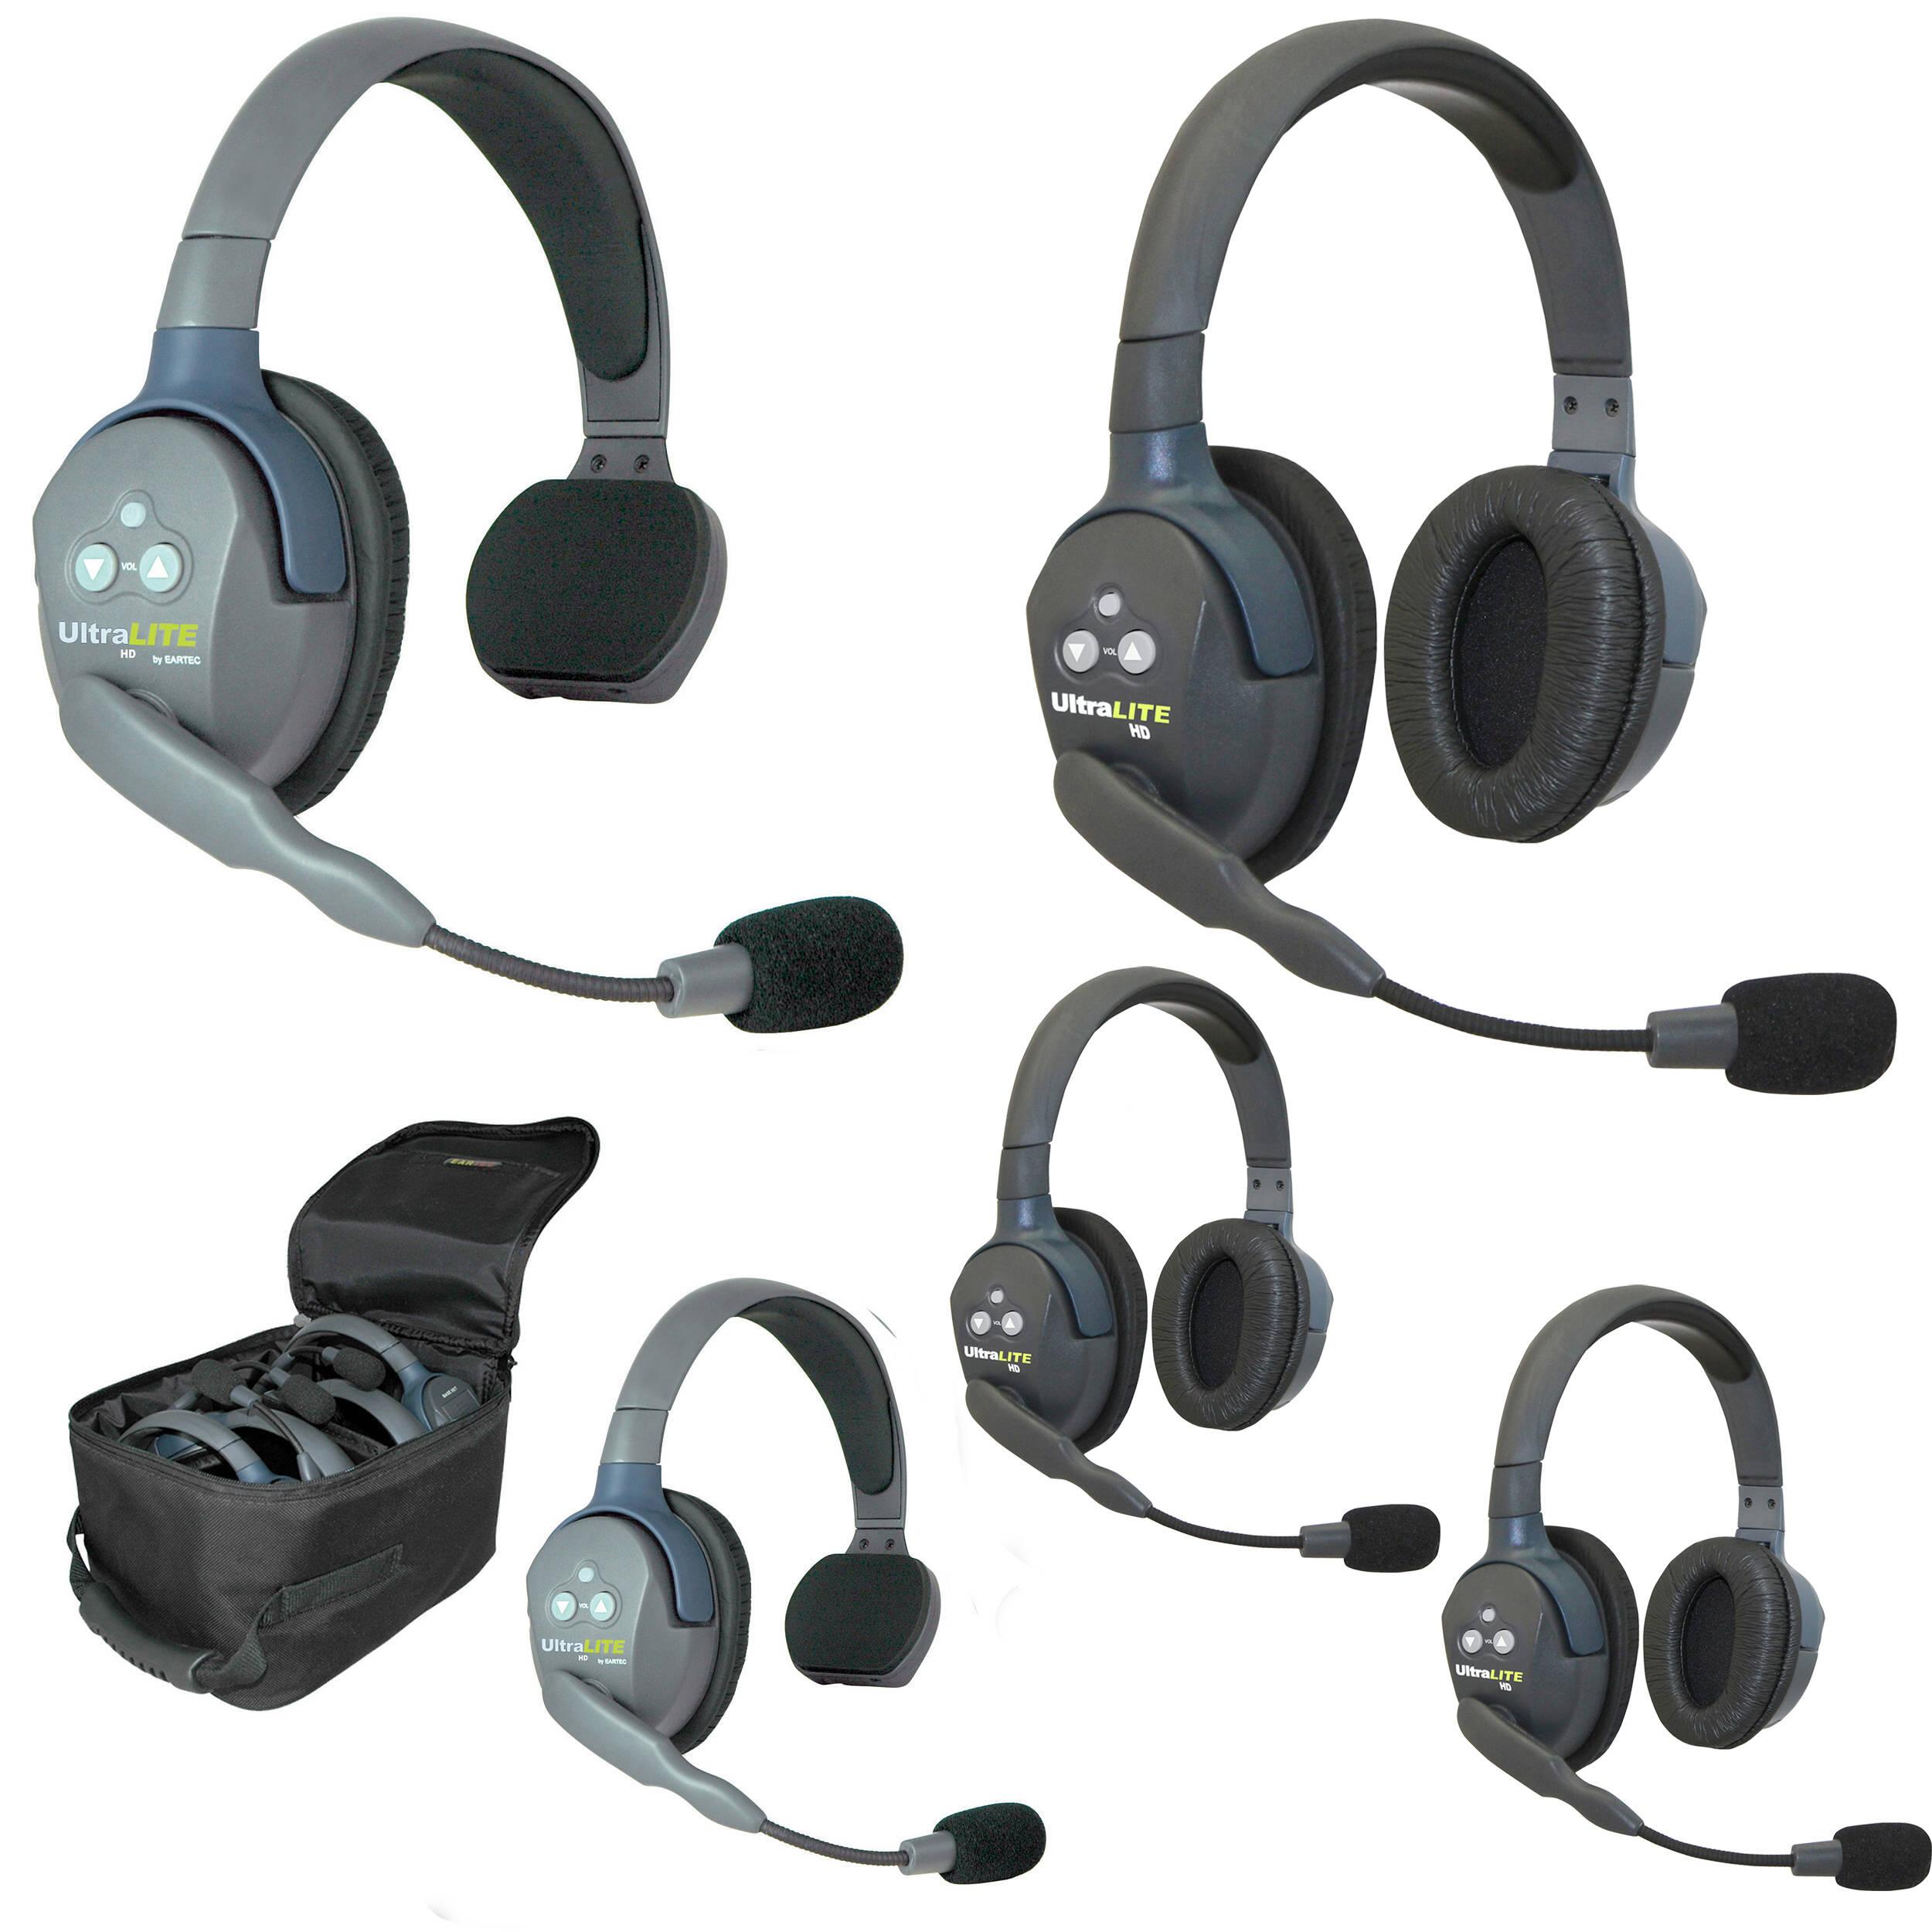 2f912e60c7b Eartec UL523 5-Person Full-Duplex Wireless Intercom with 2 UltraLITE  Single-Ear & 3 UltraLITE Dual-Ear Headsets